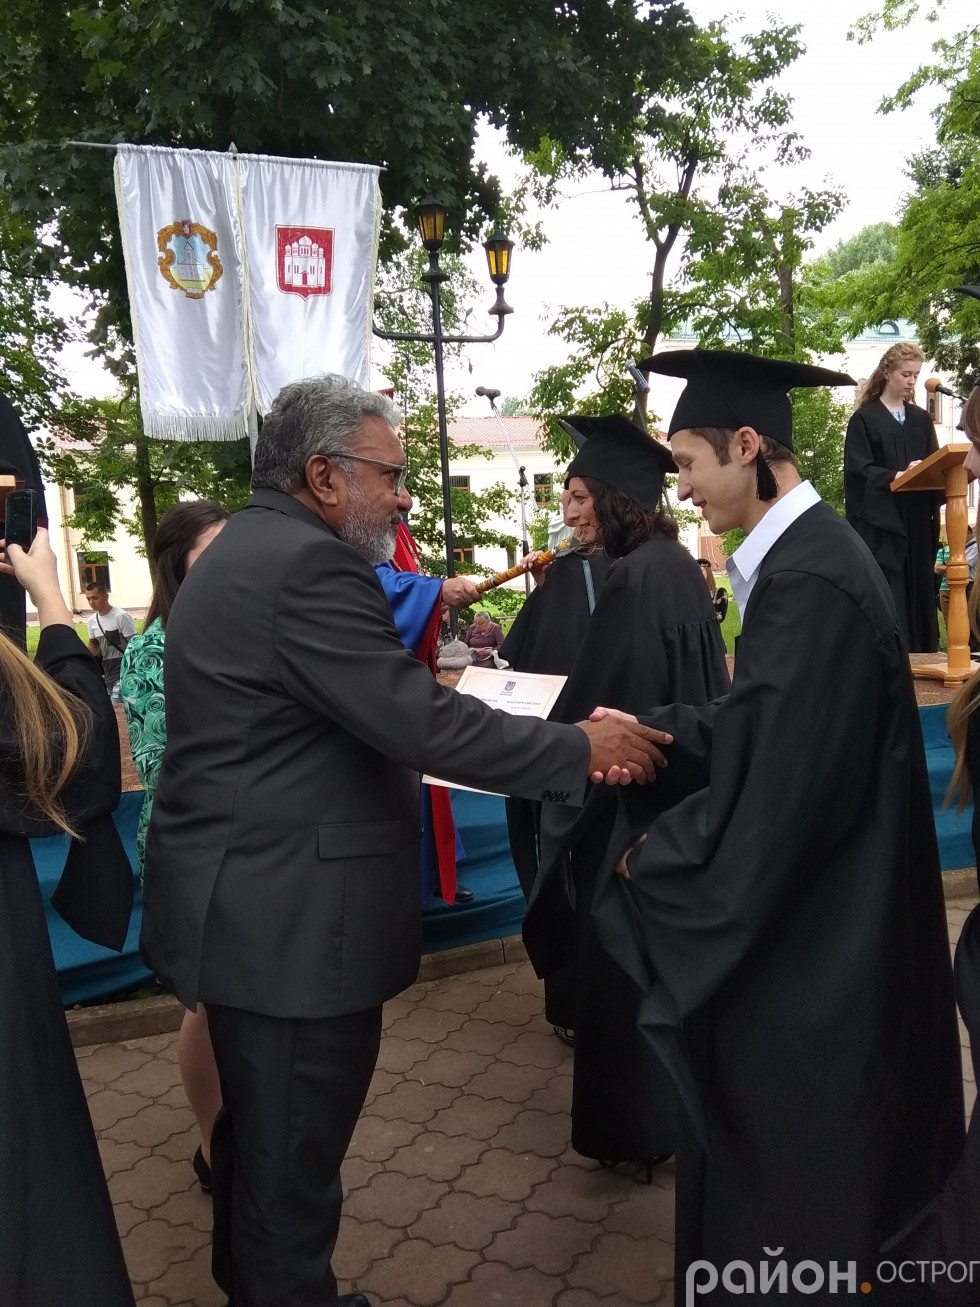 Елайджа Морган вручає дипломи випускникам